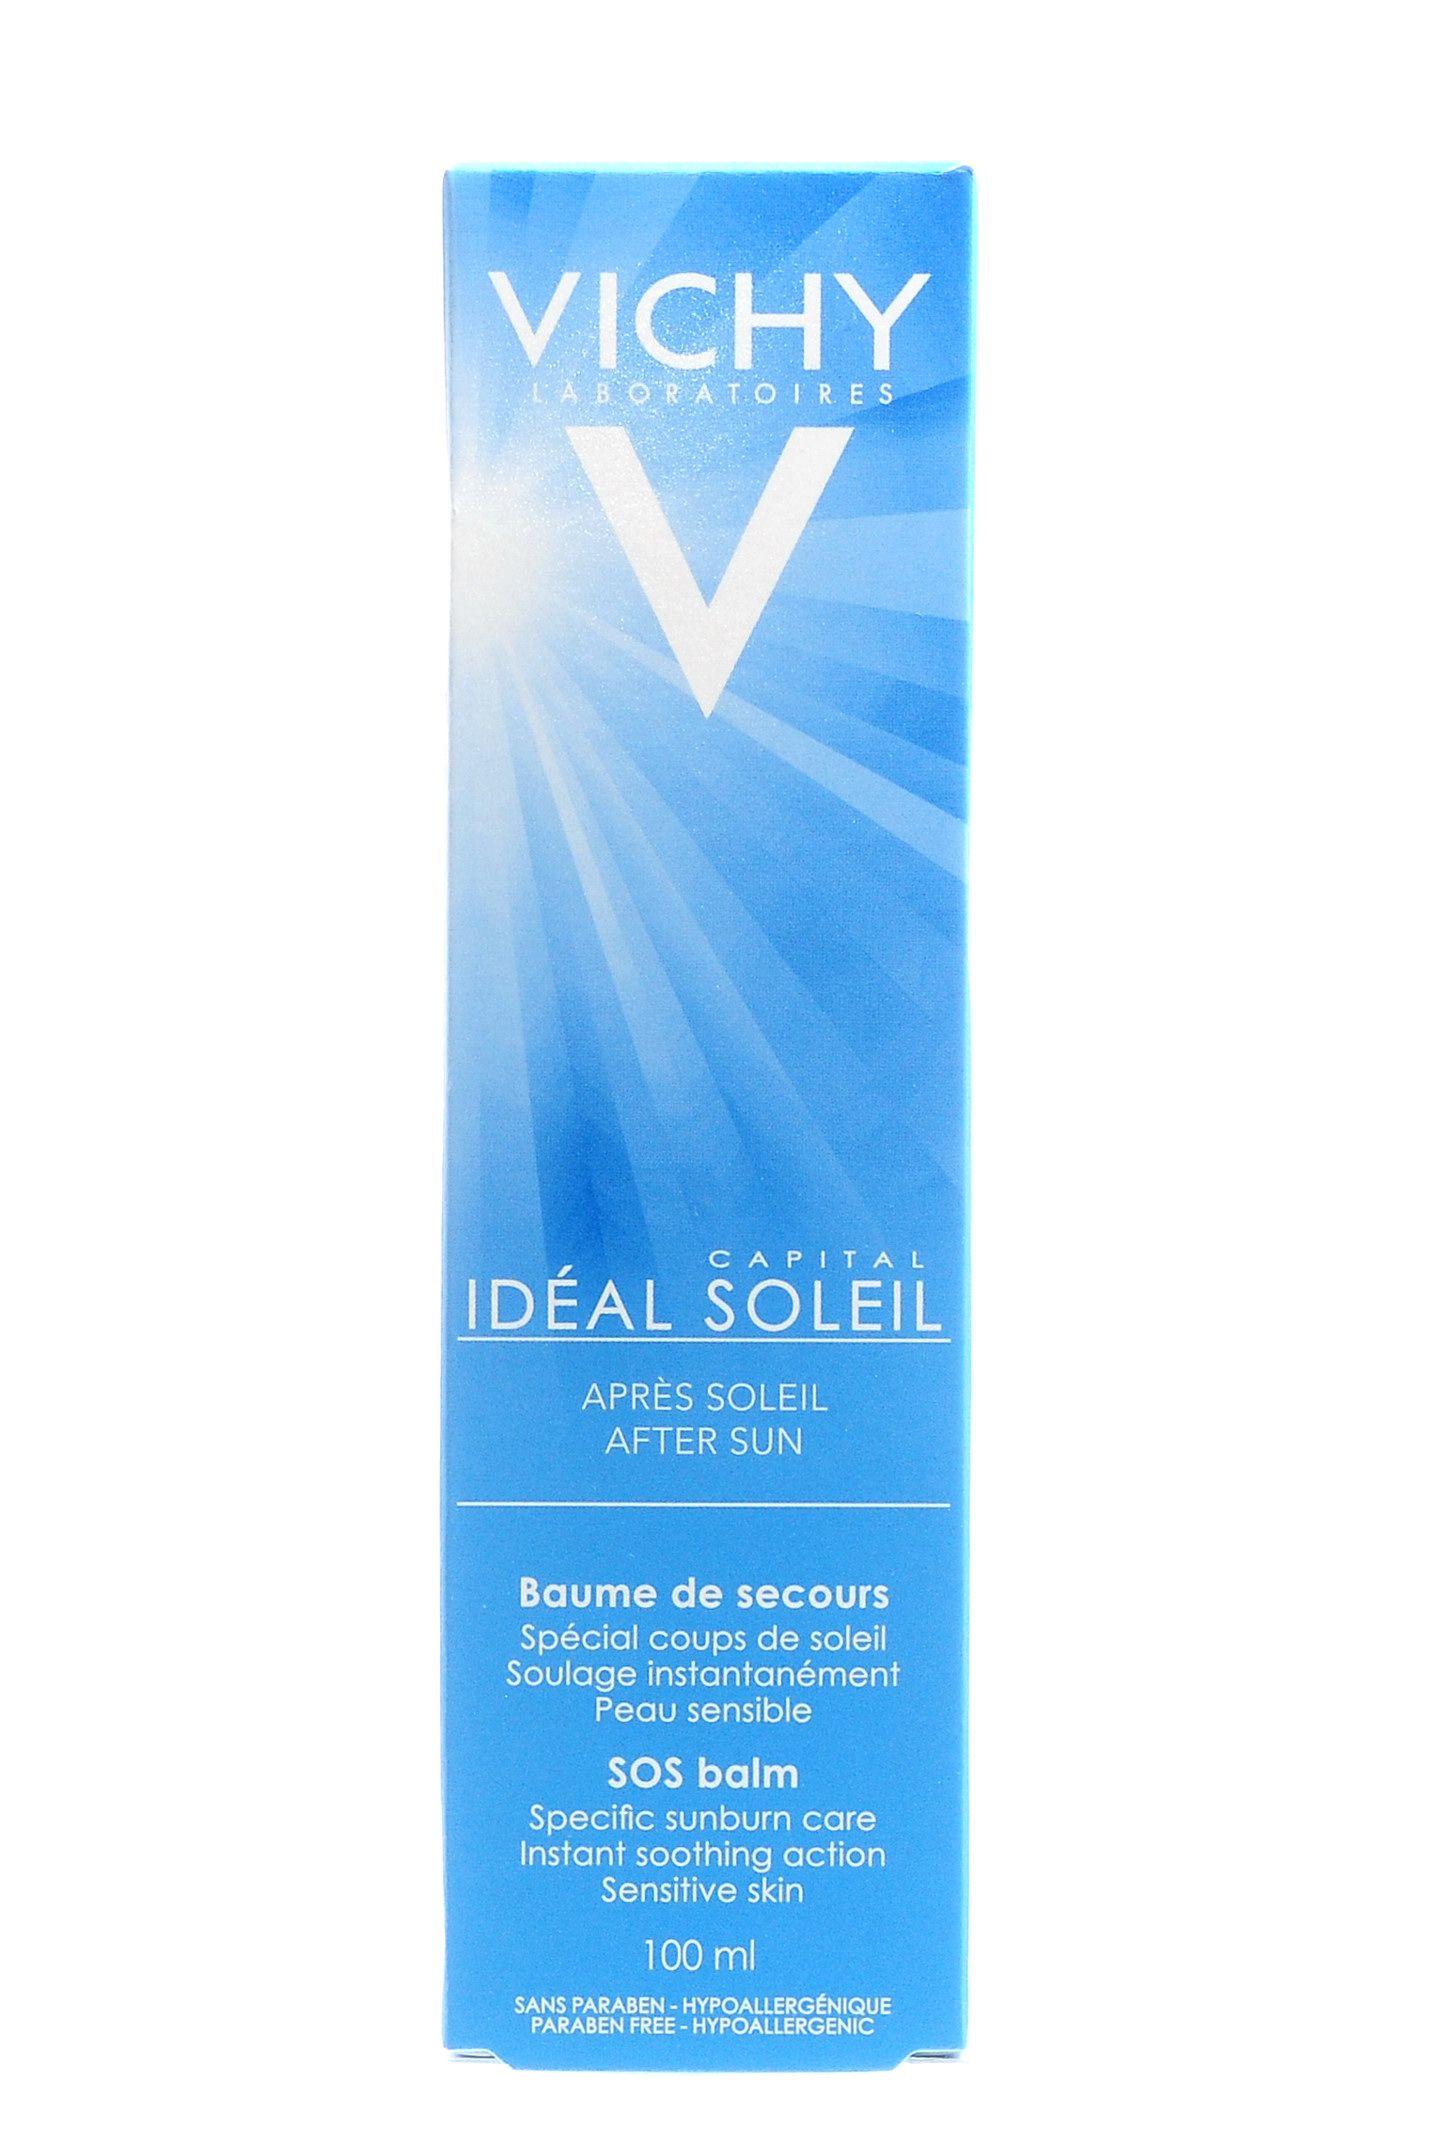 фото упаковки Vichy Capital Ideal Soleil бальзам после солнечных ожогов